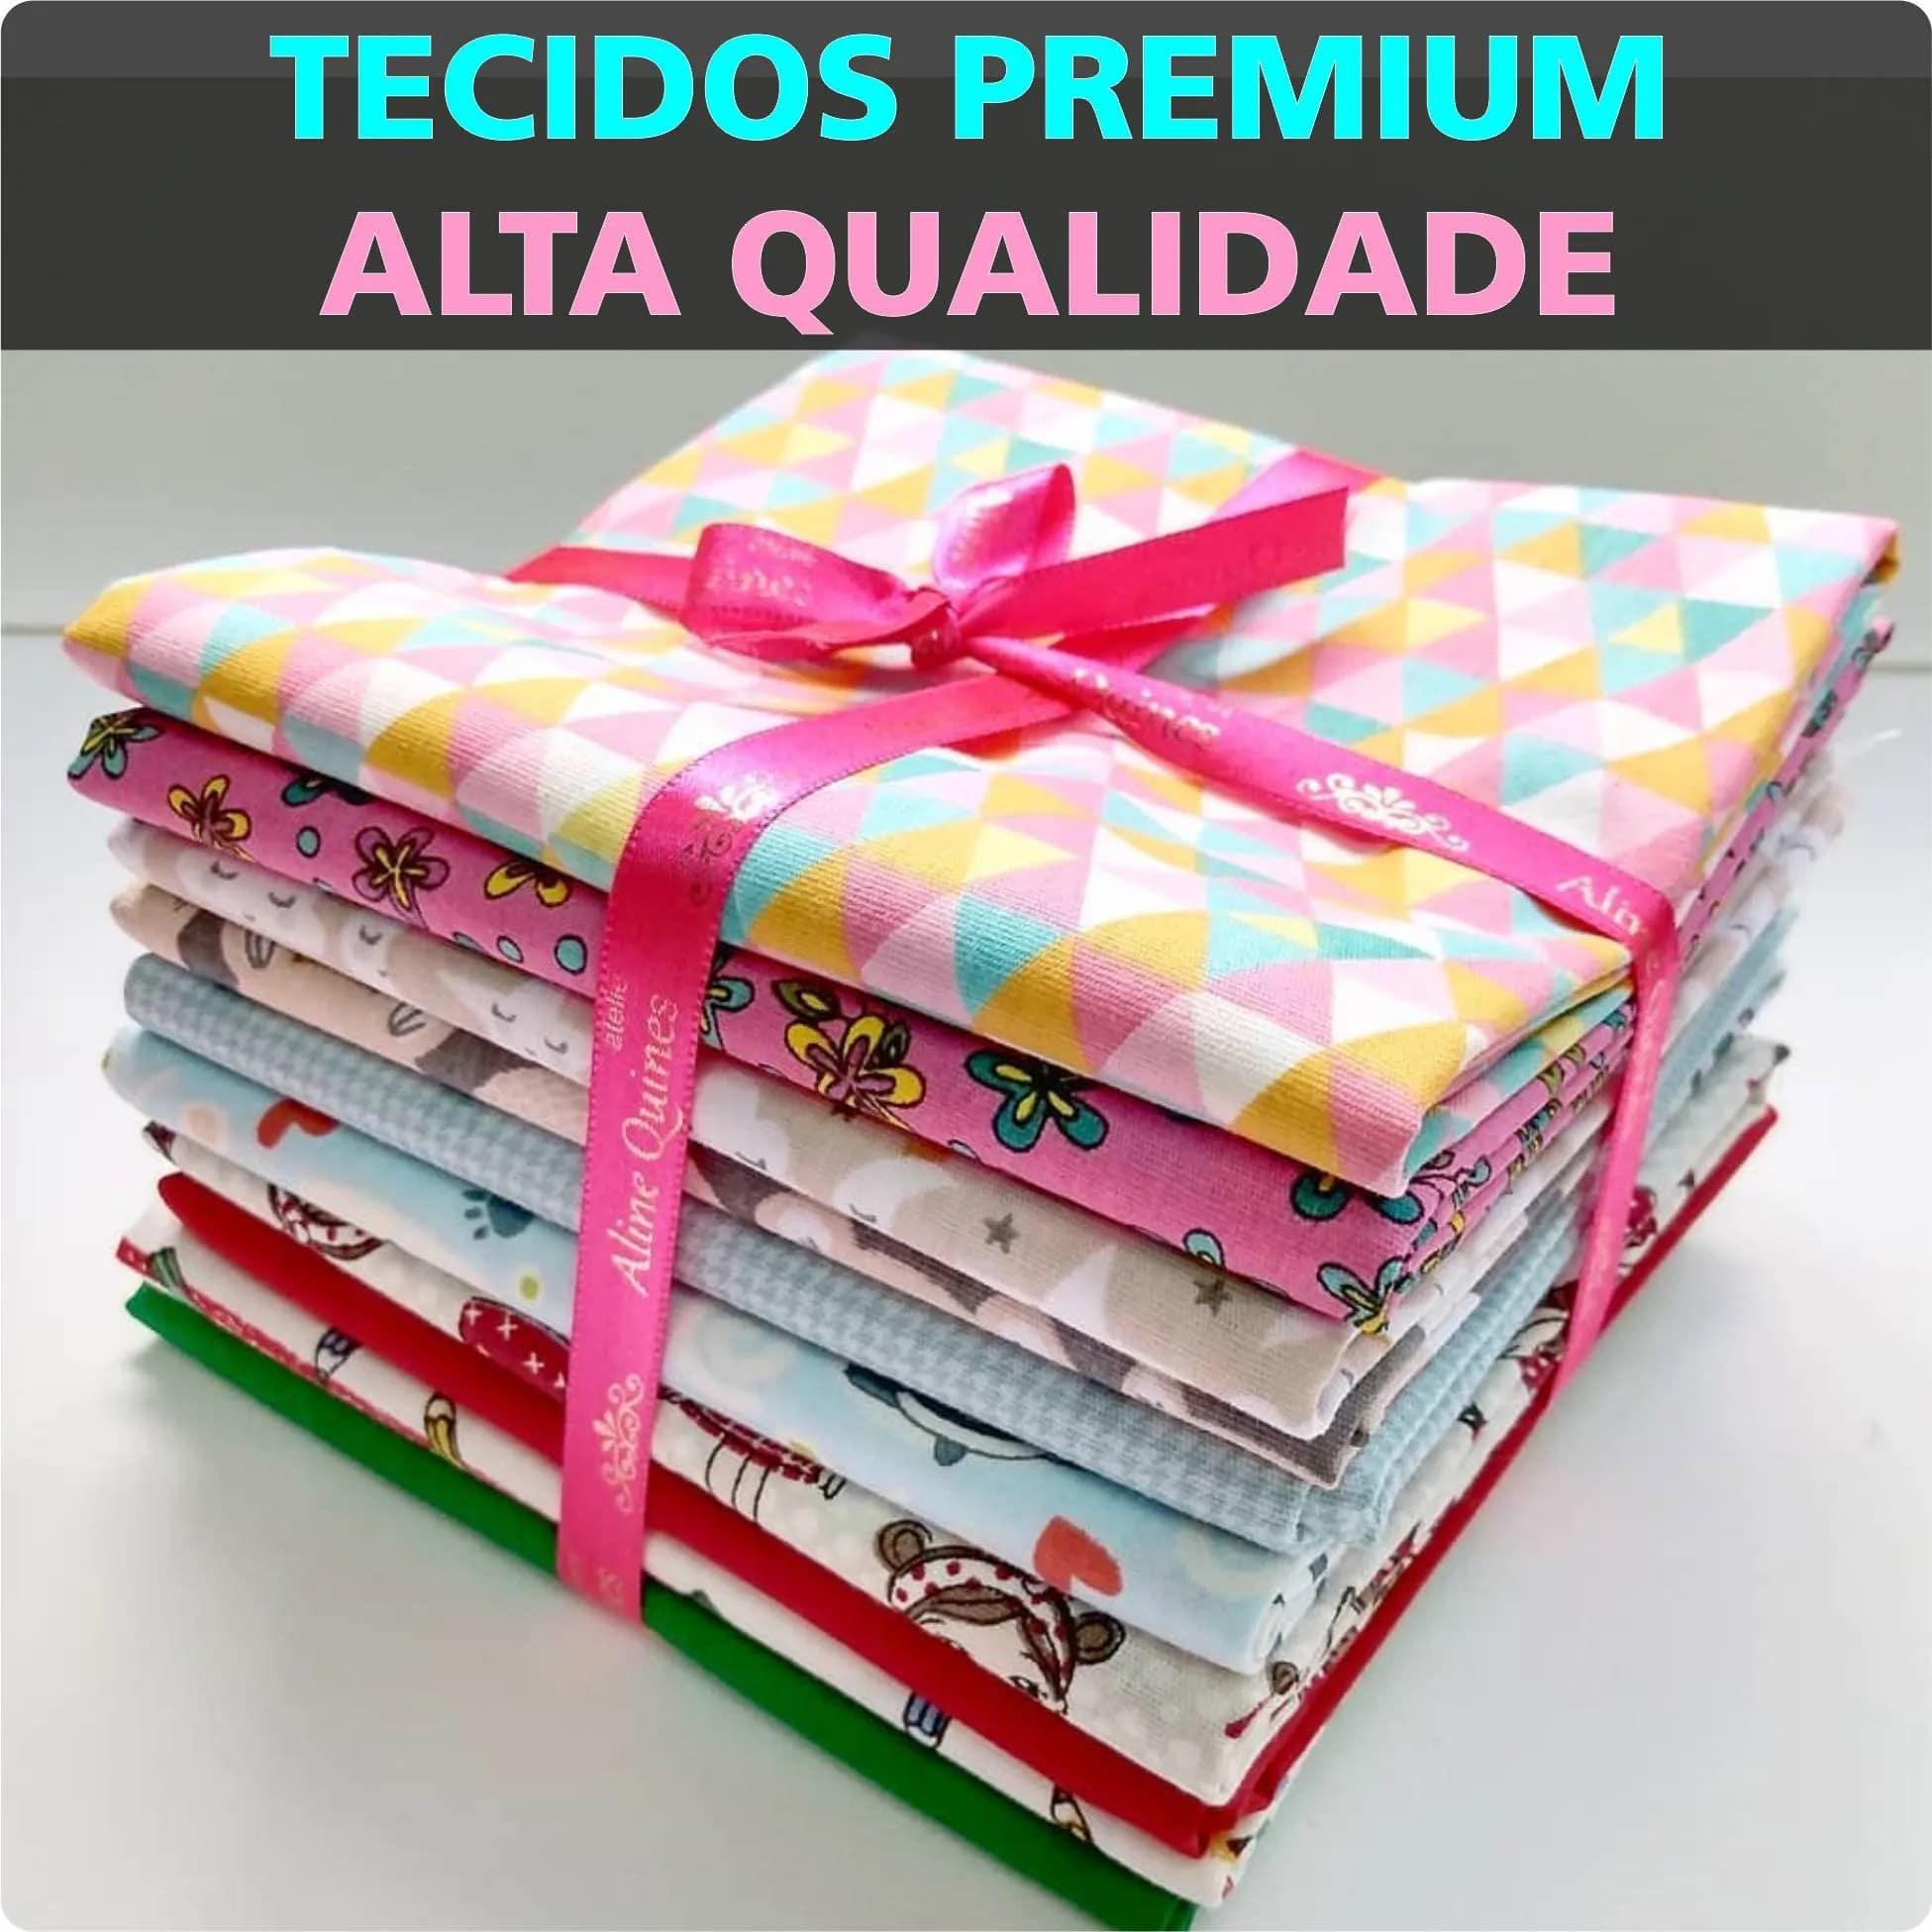 FERNANDO MALUHY - Xadrez Enviesado Verde Oliva Coleção Floratta - 25cmX150cm - Tecido Tricoline